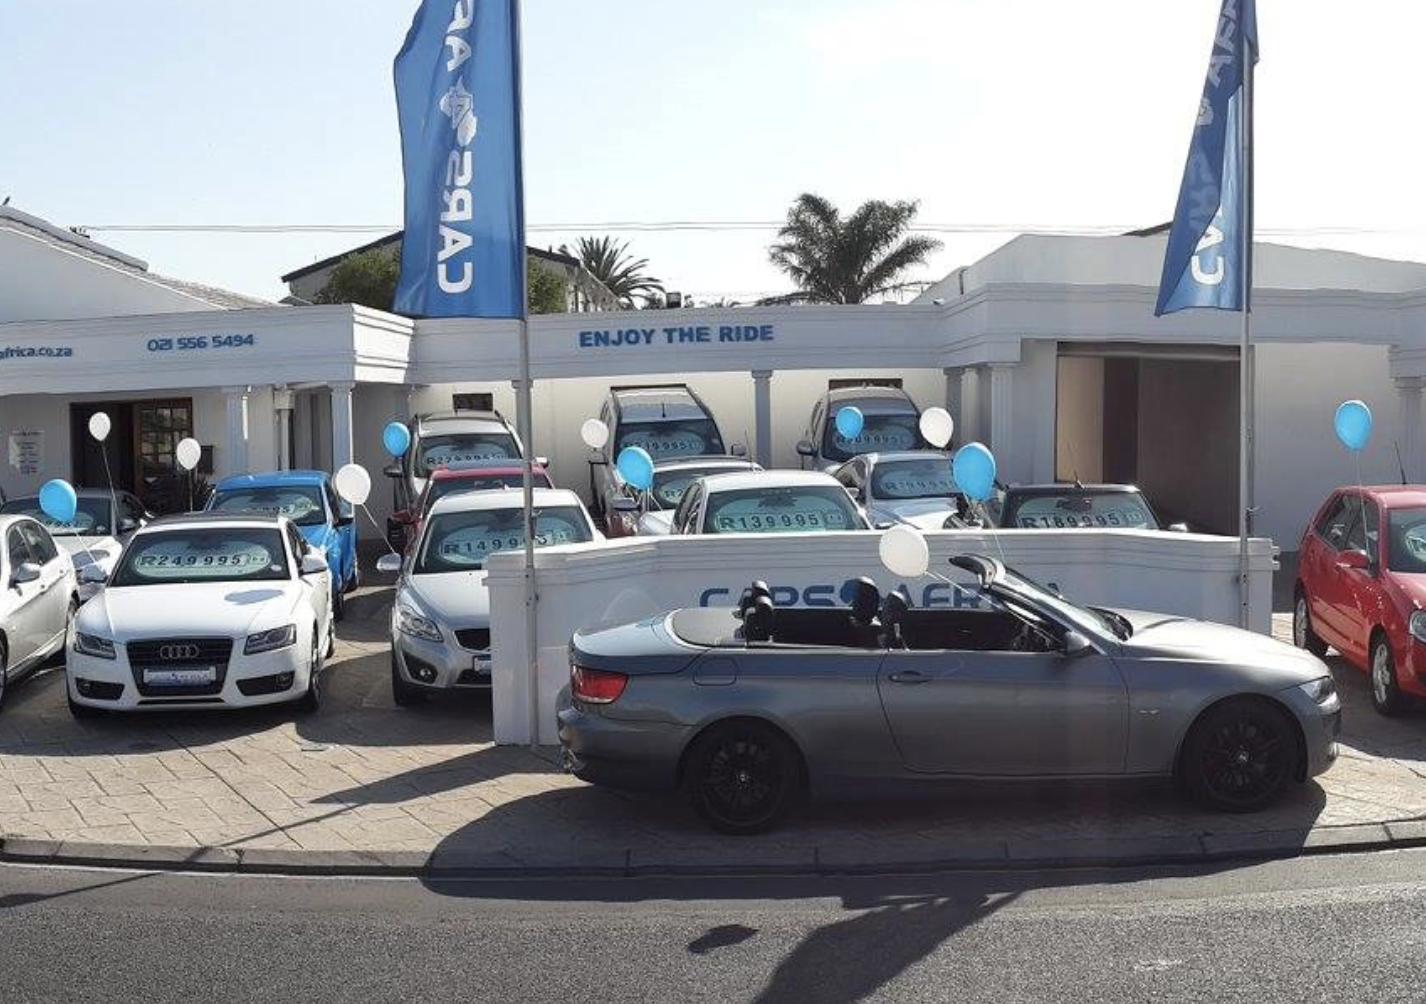 KZN Cars